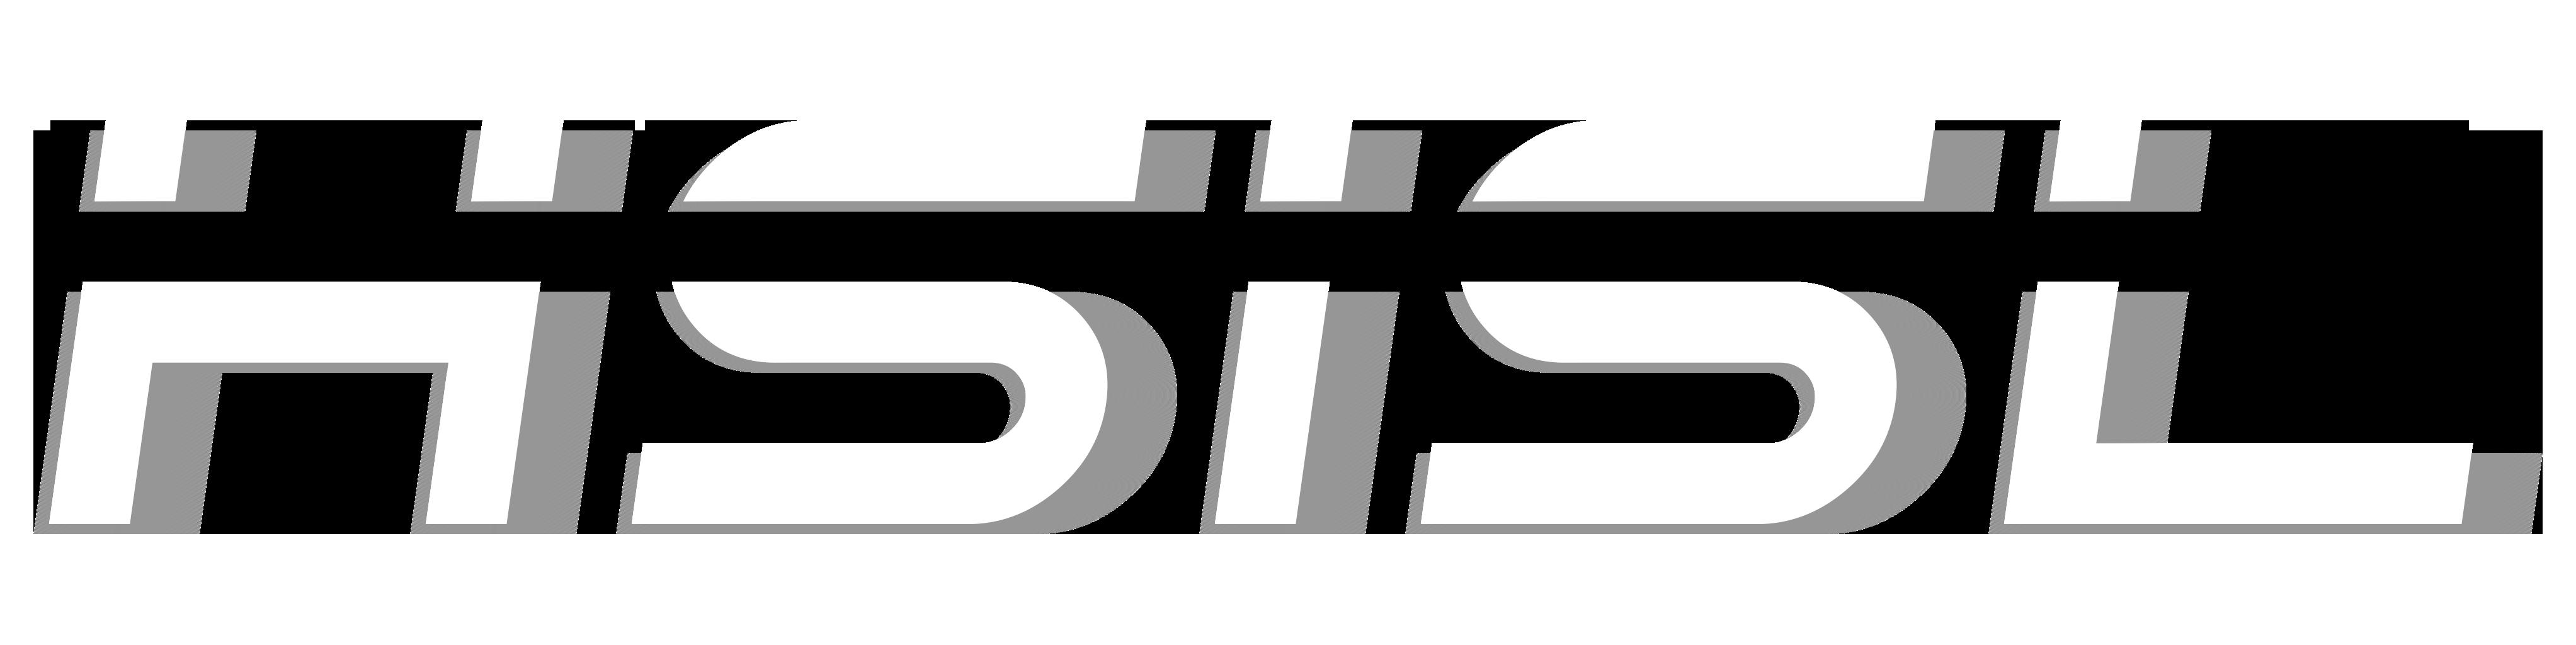 HSISL